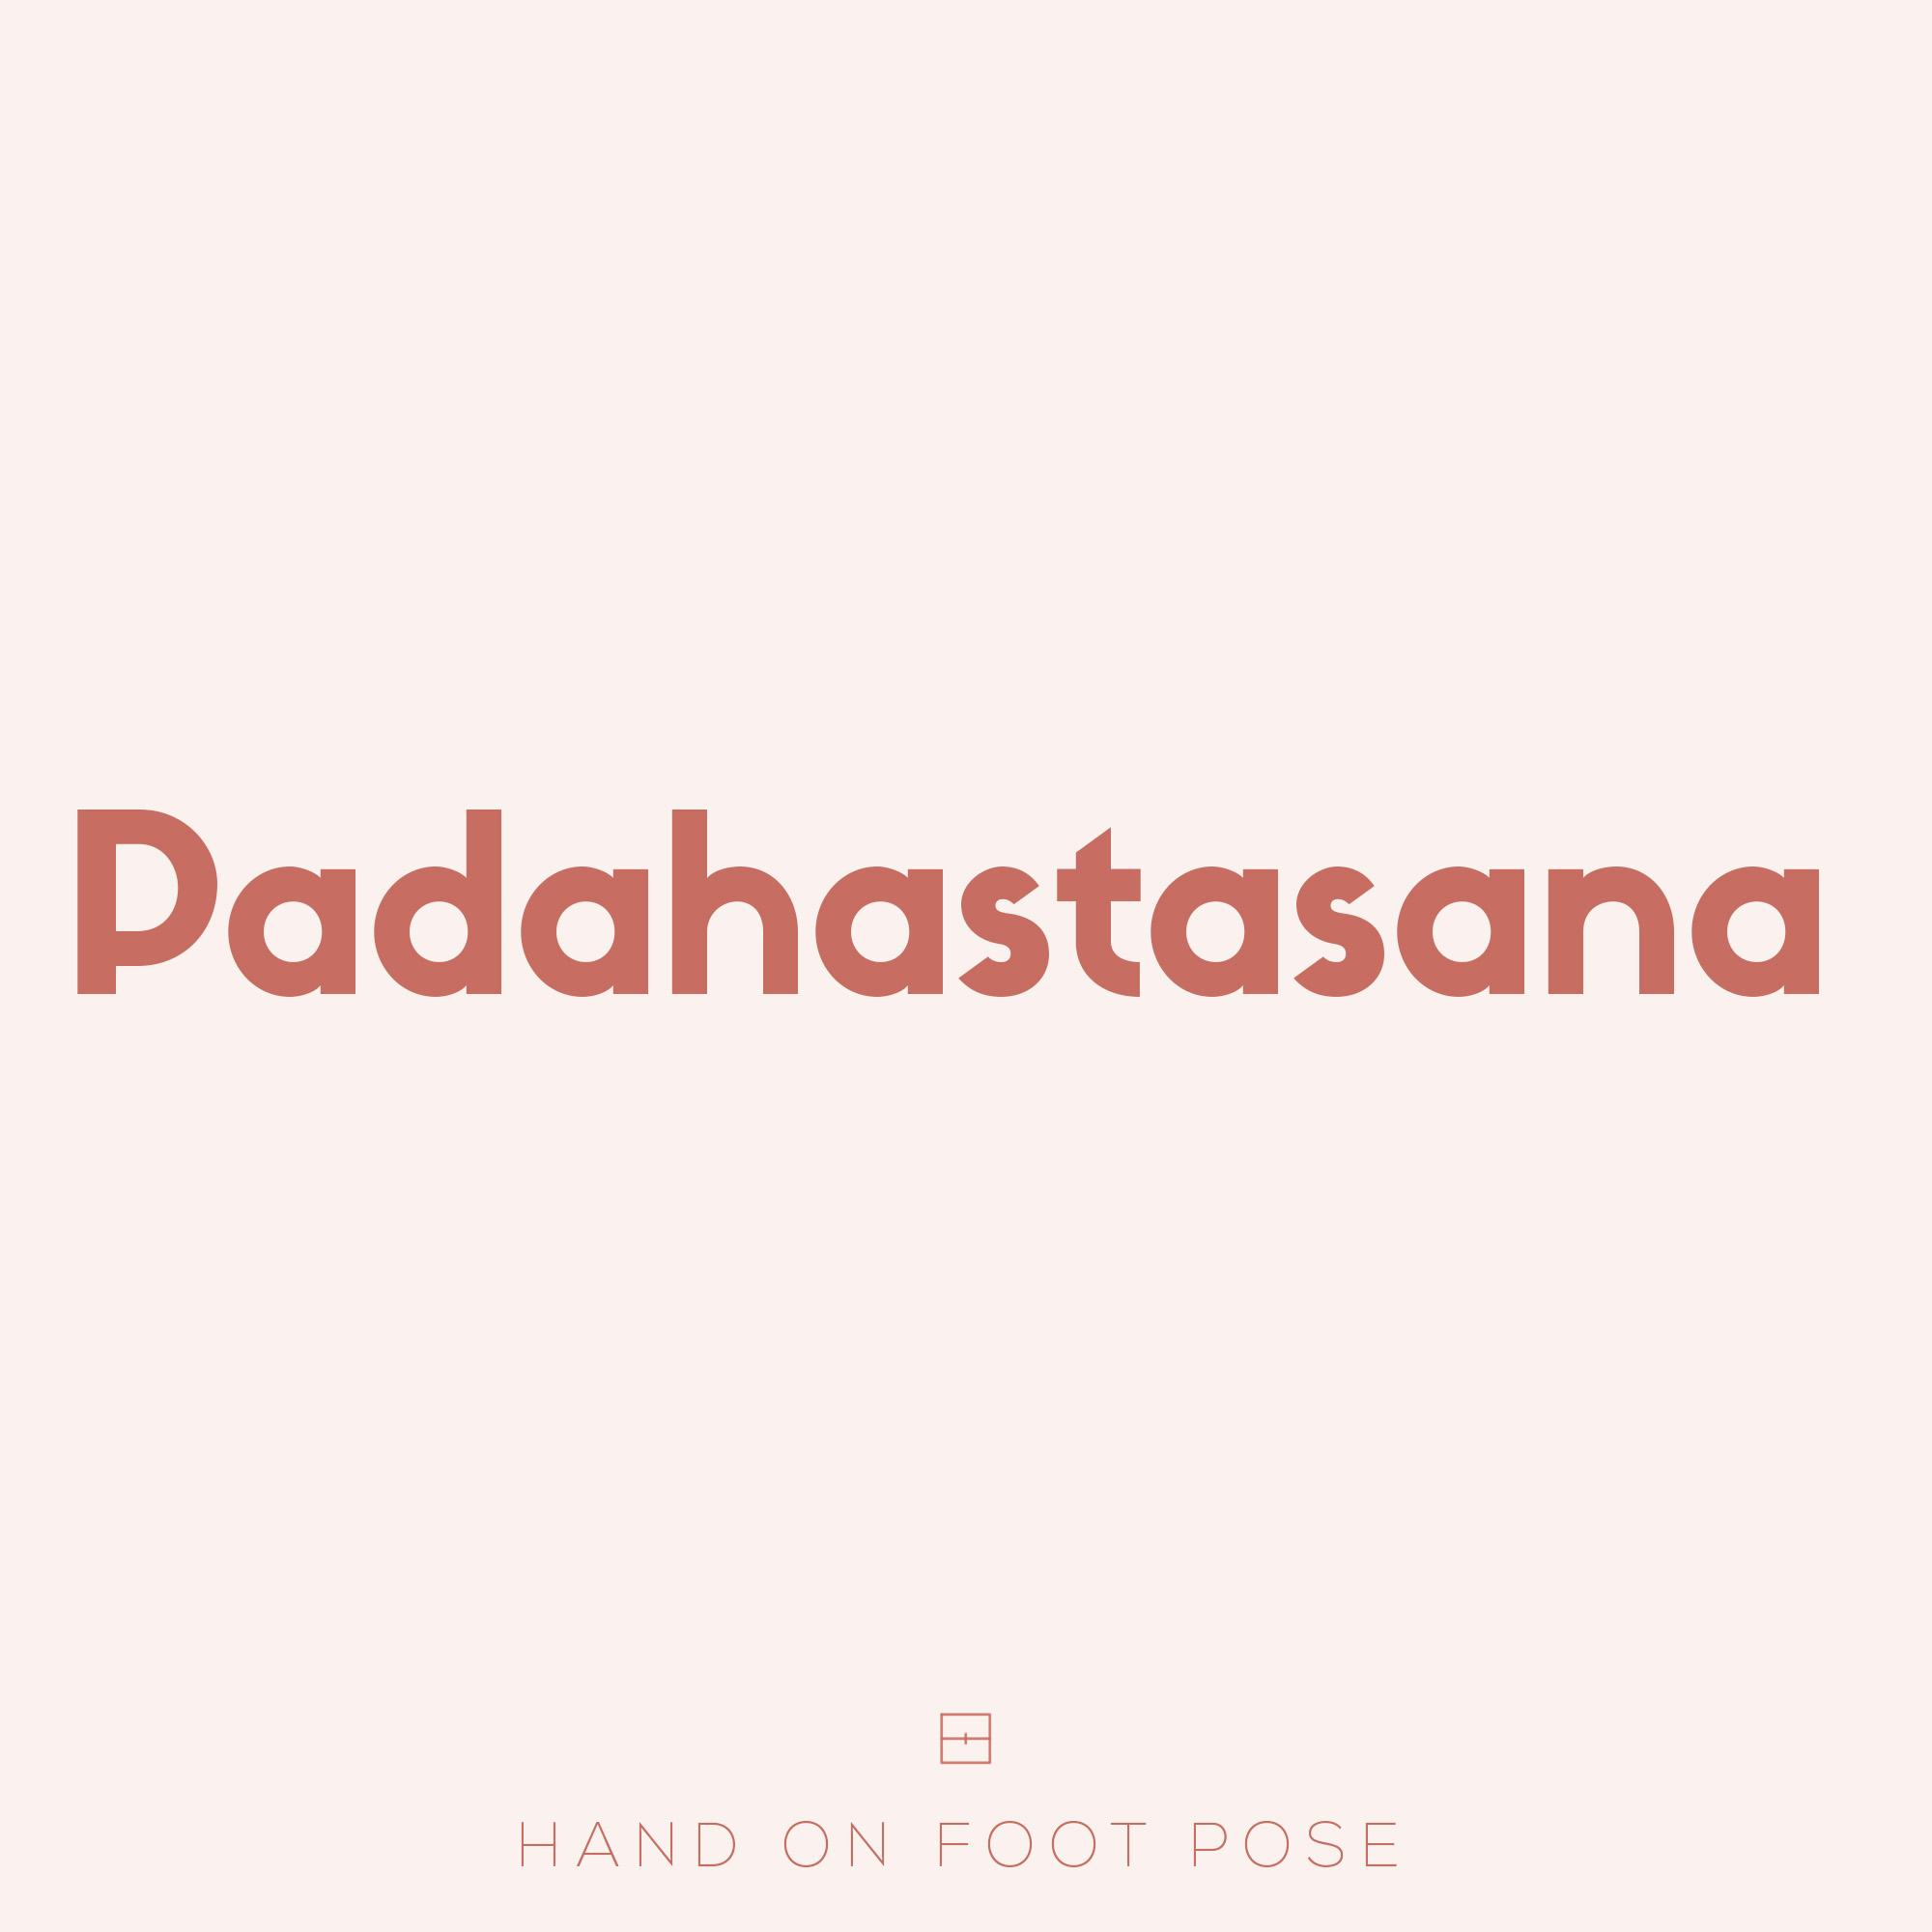 Sanskrit Definition Padahastasana